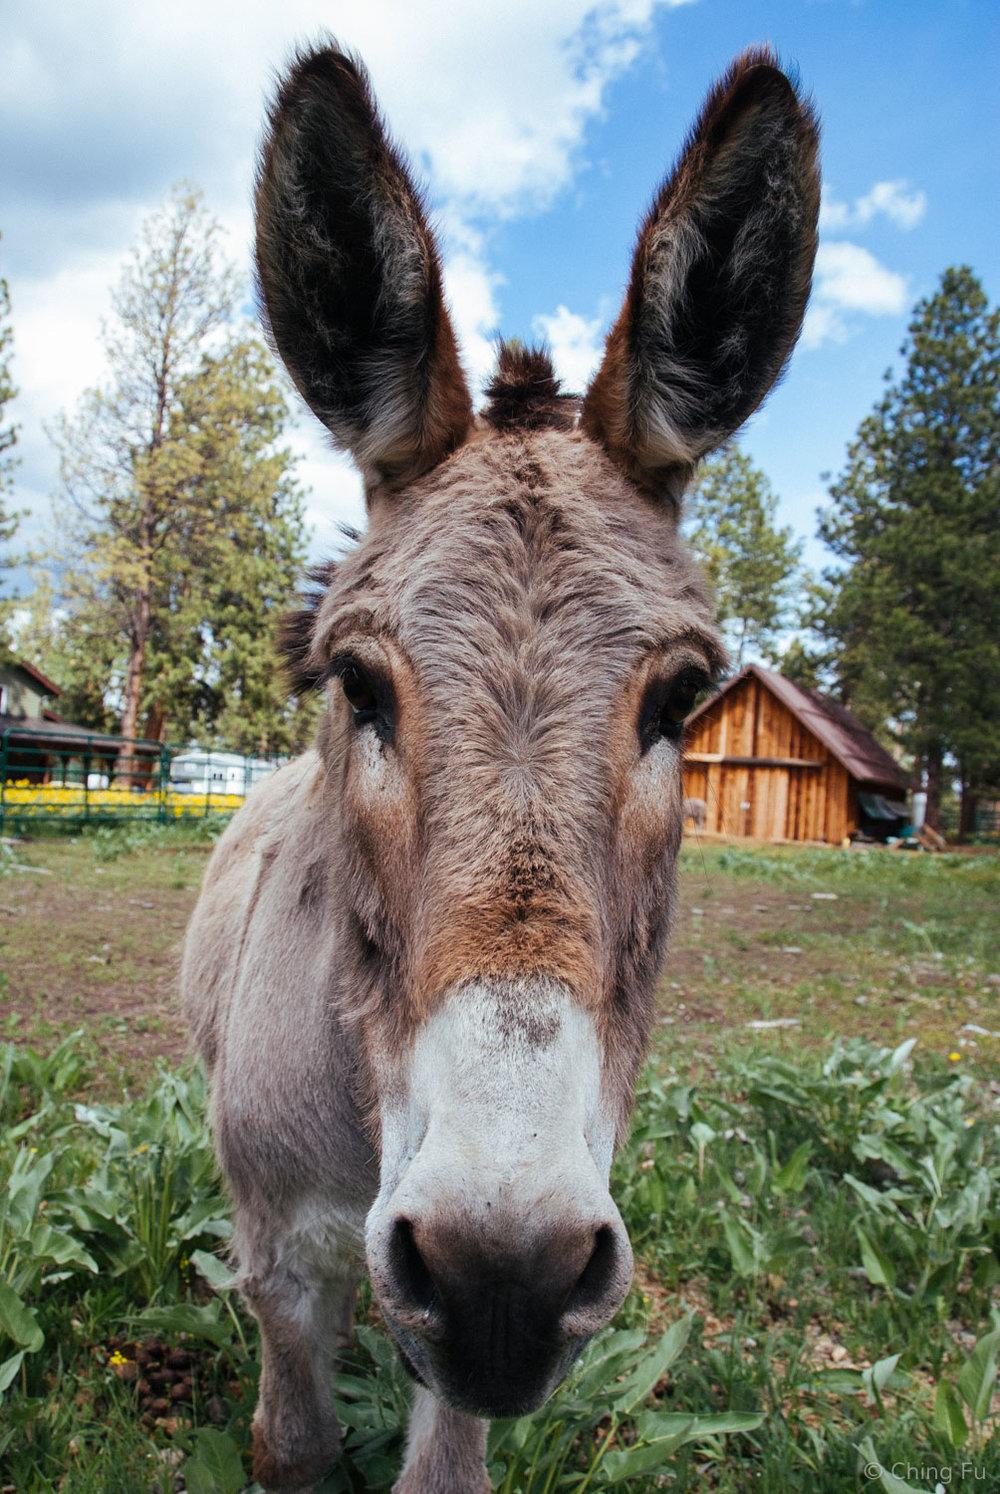 Montana the donkey.